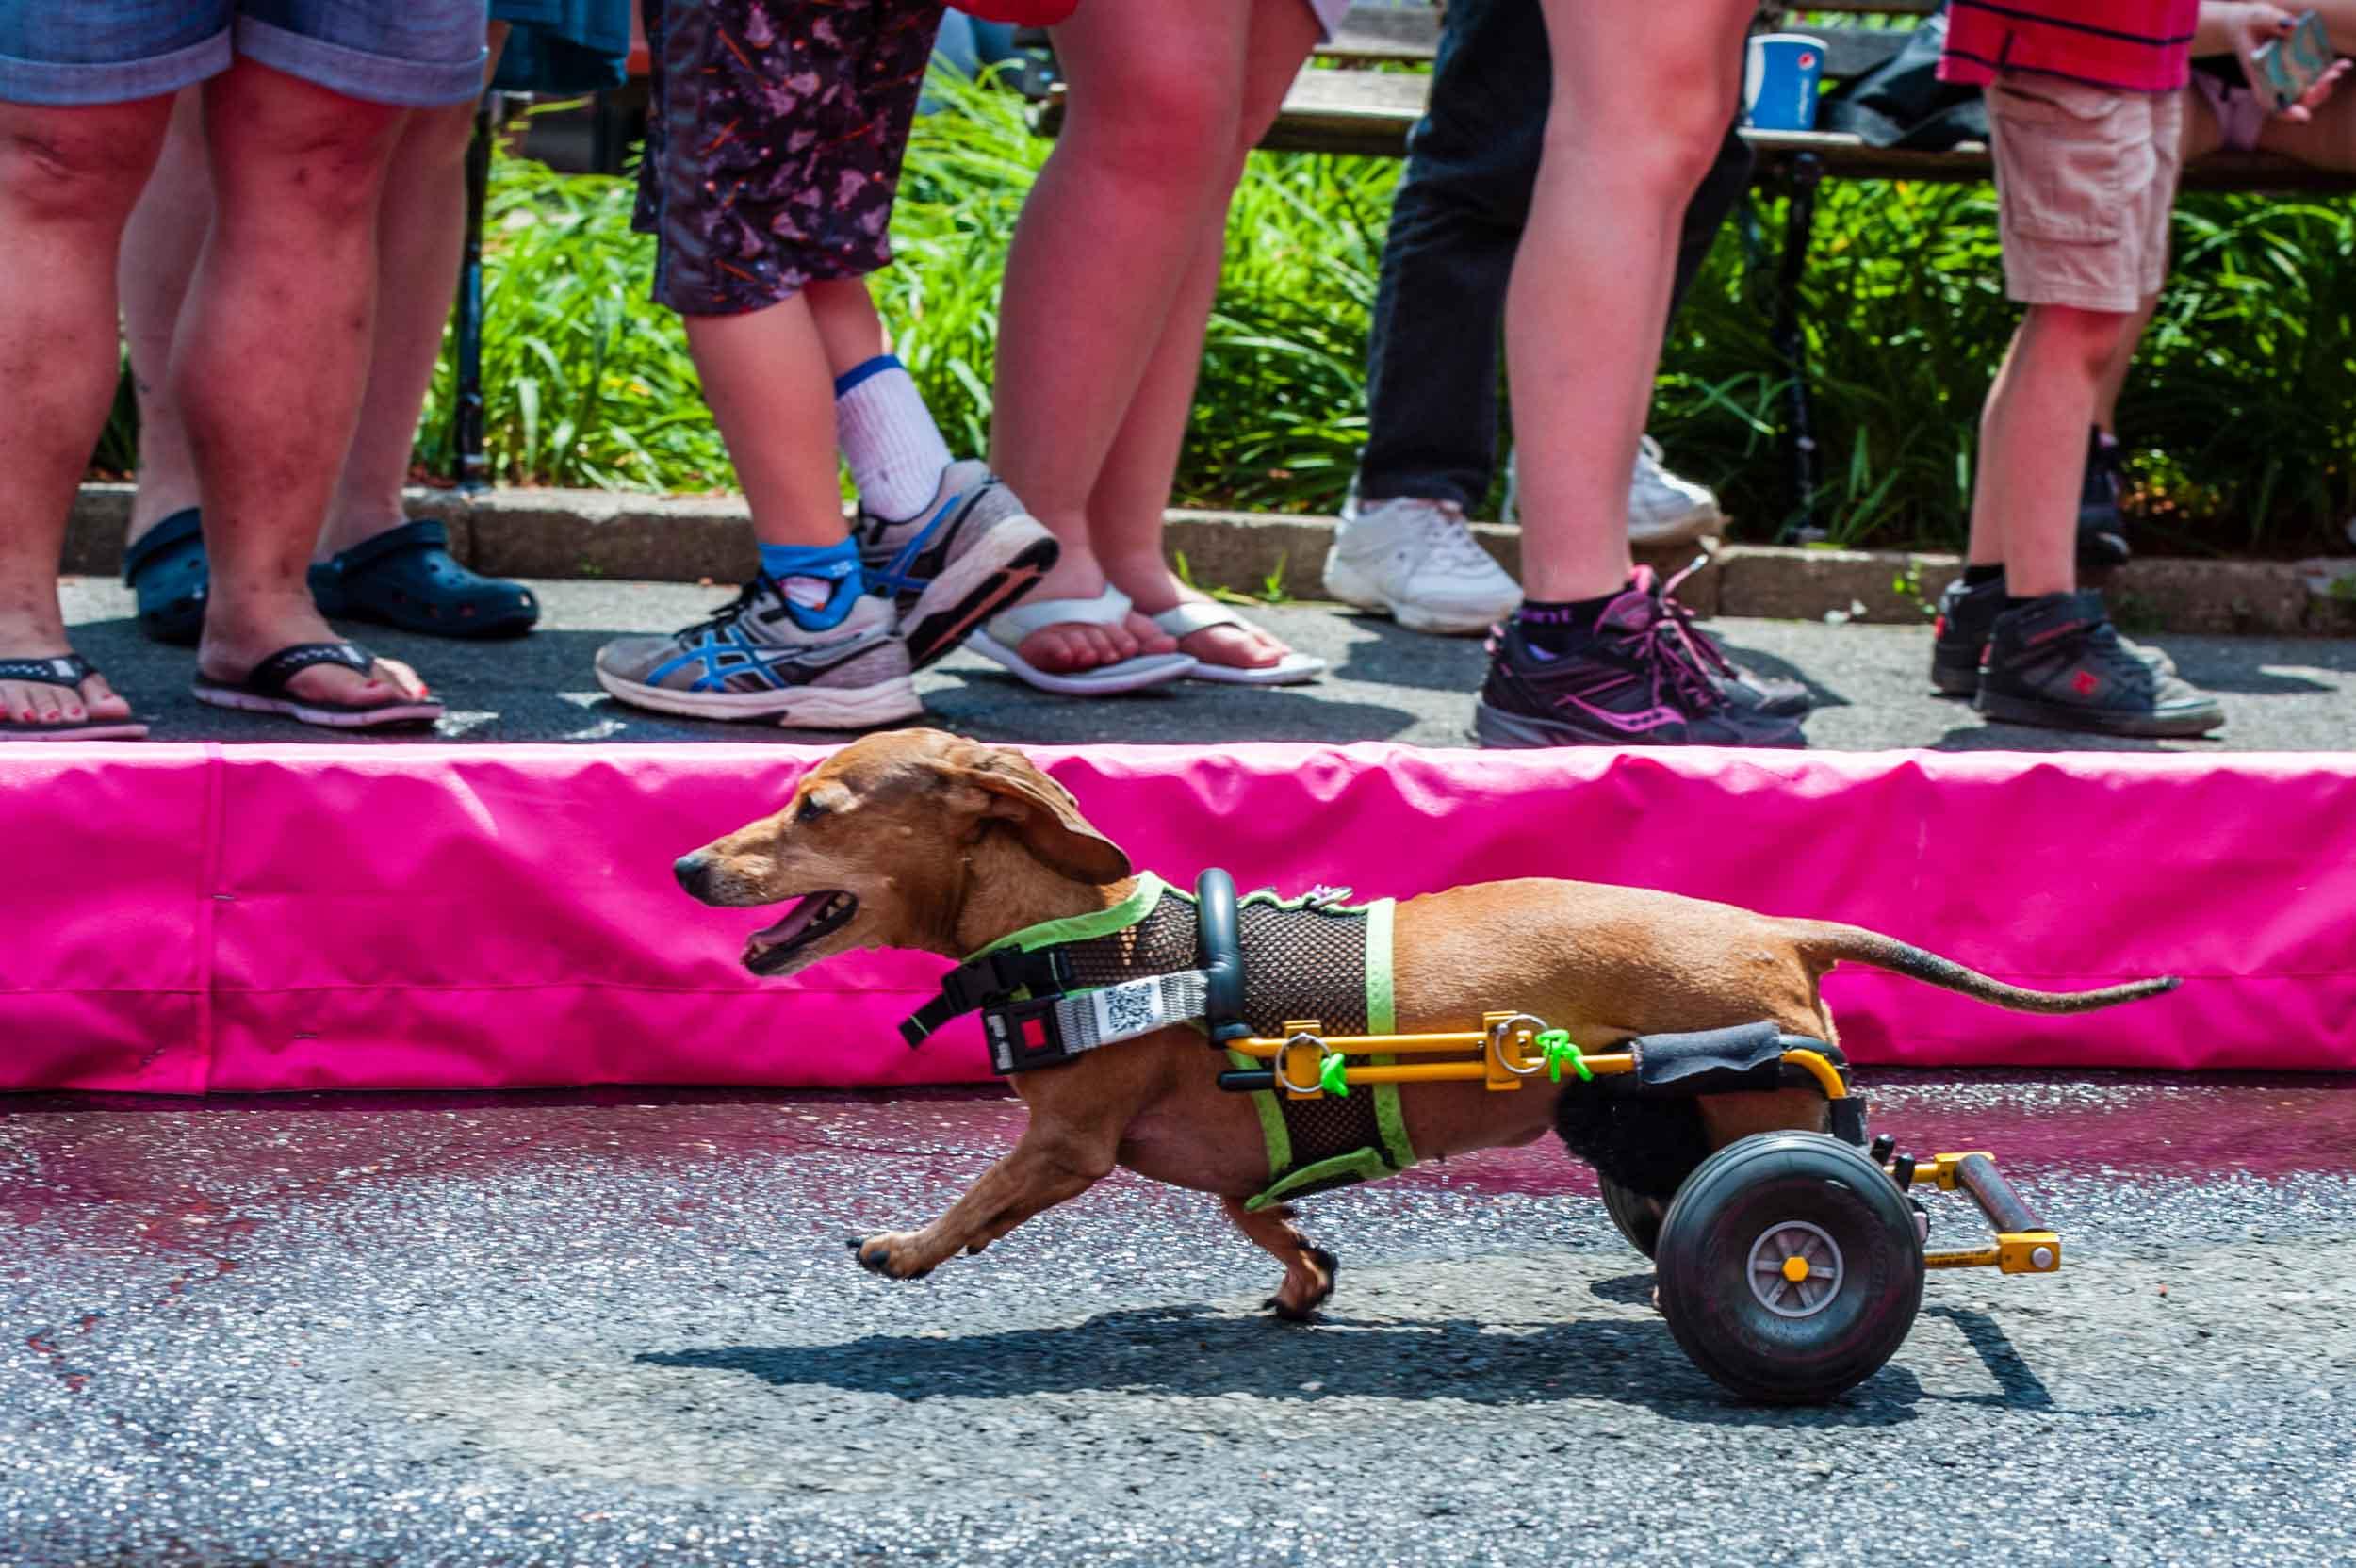 Wiener Dog 100 Races 2016, Connecticut